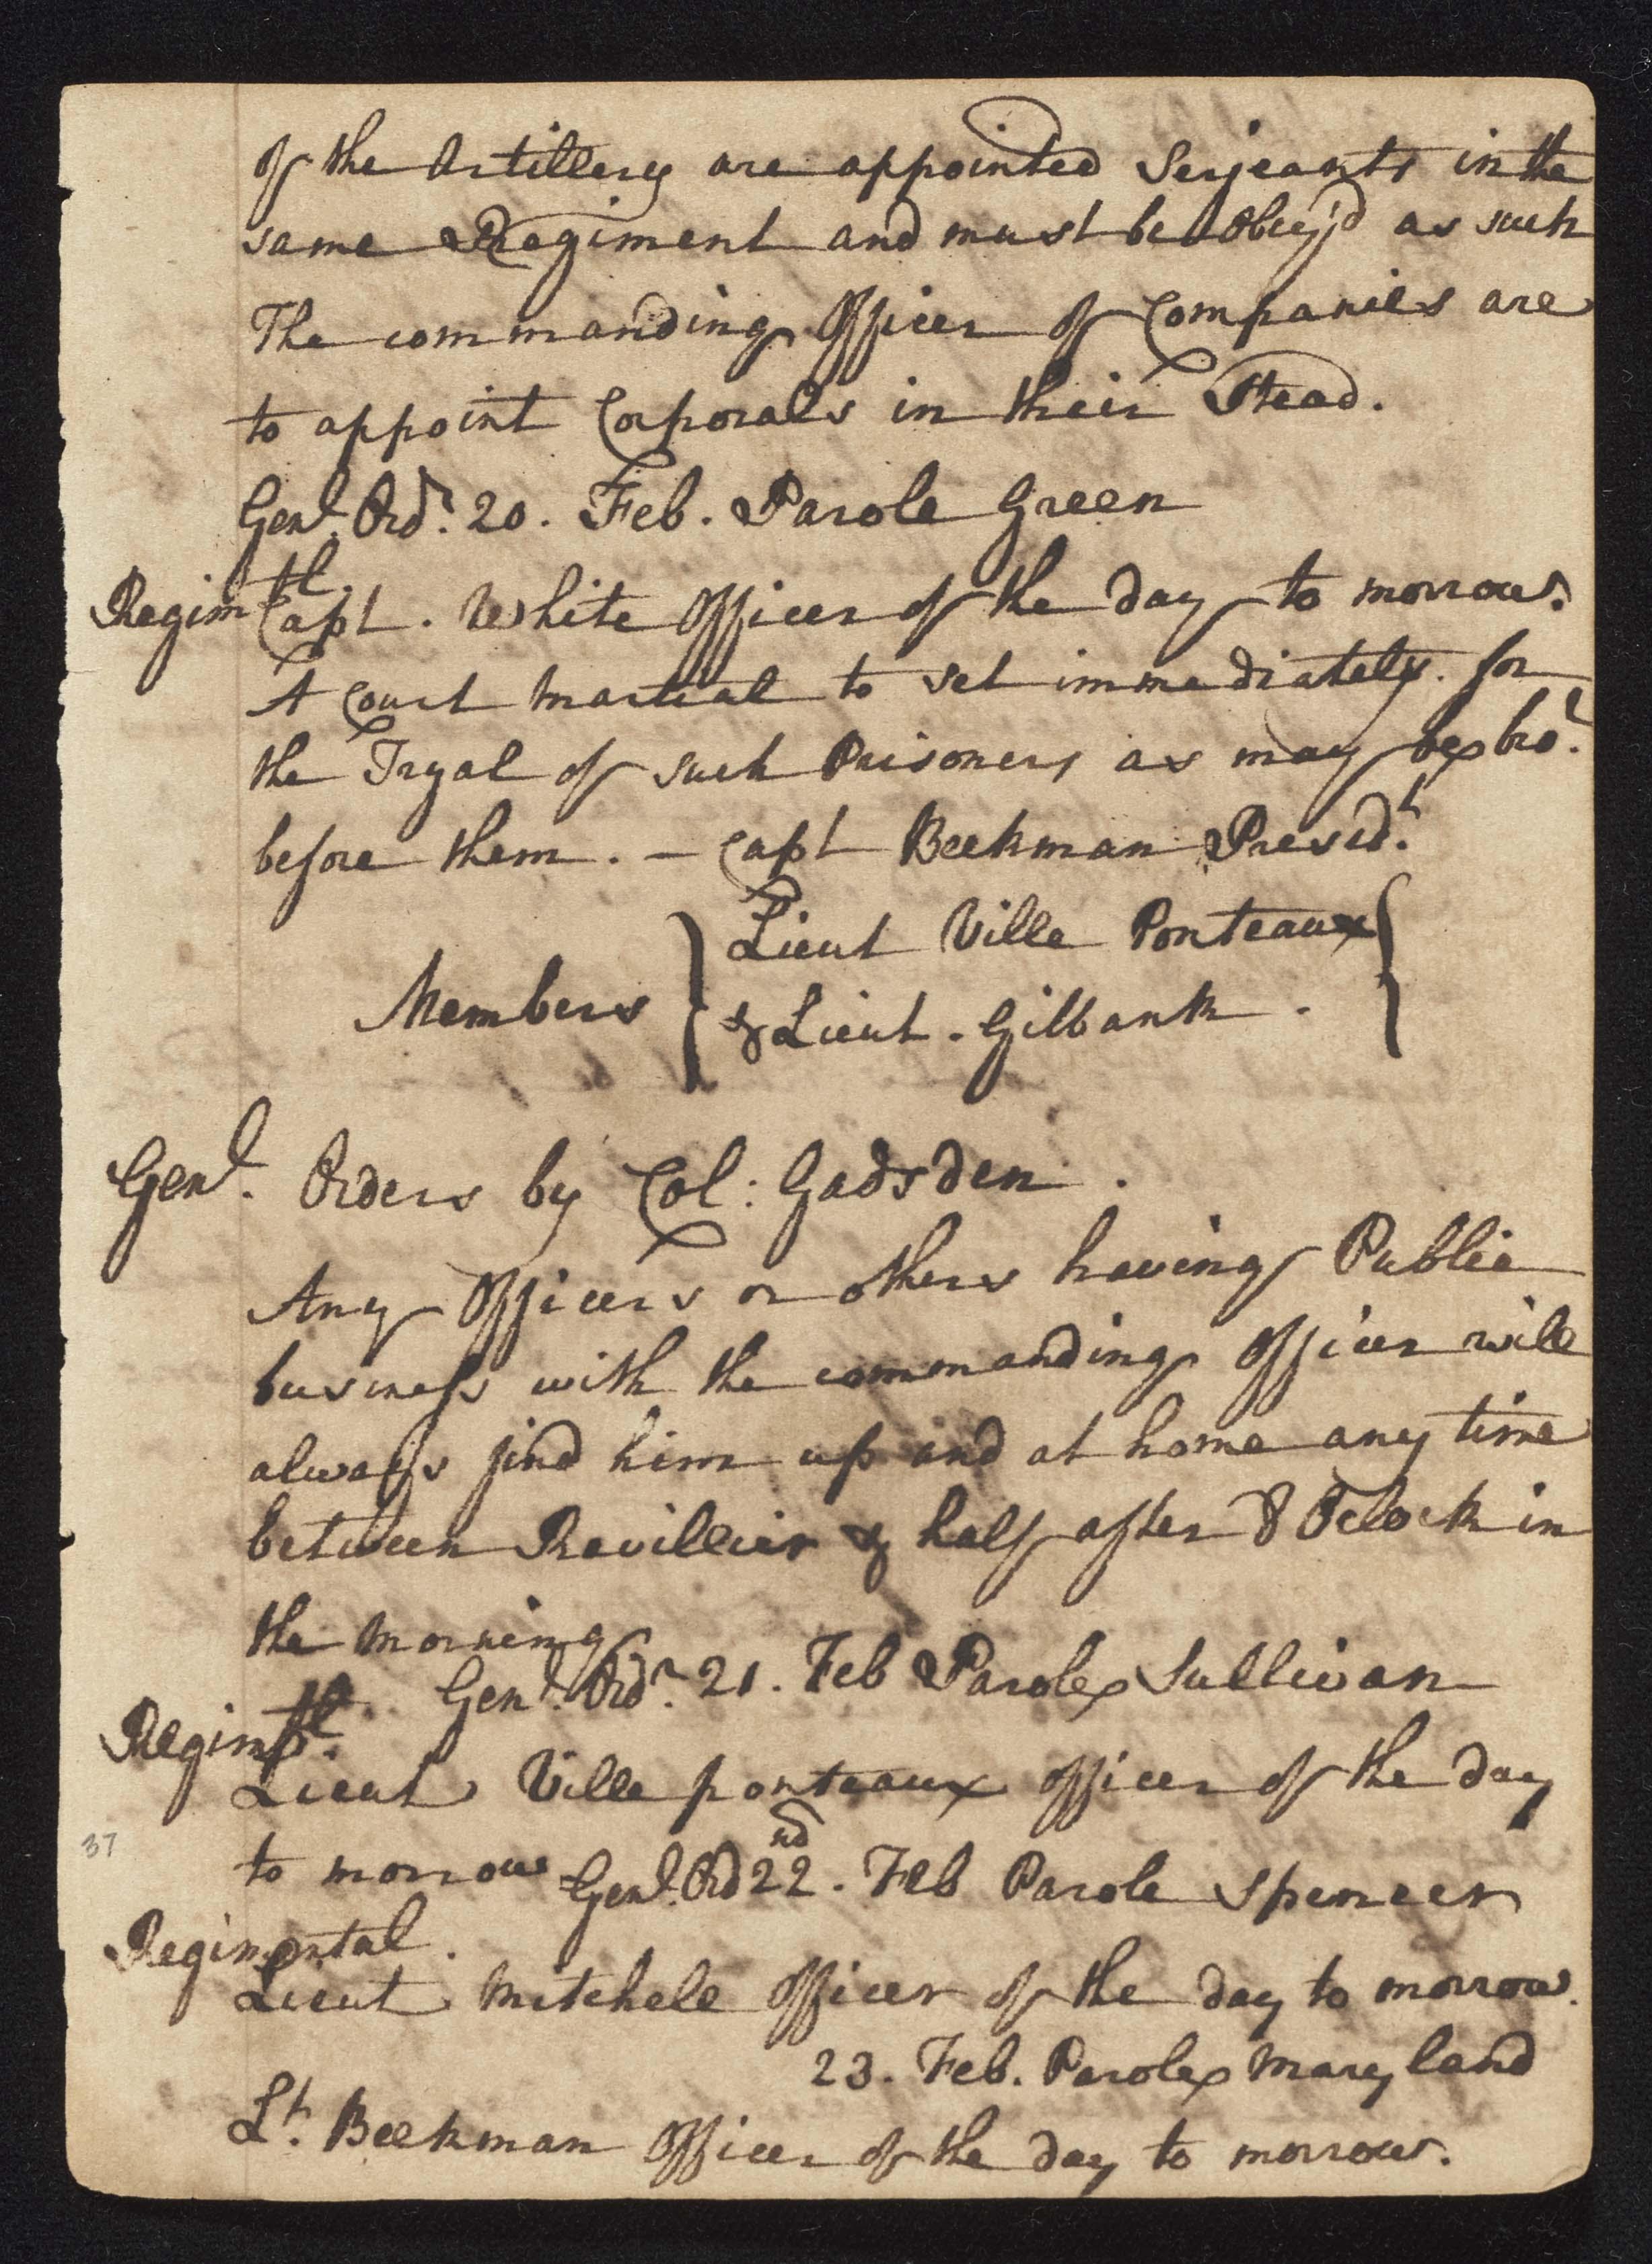 South Carolina Regiment Order Book, Page 73